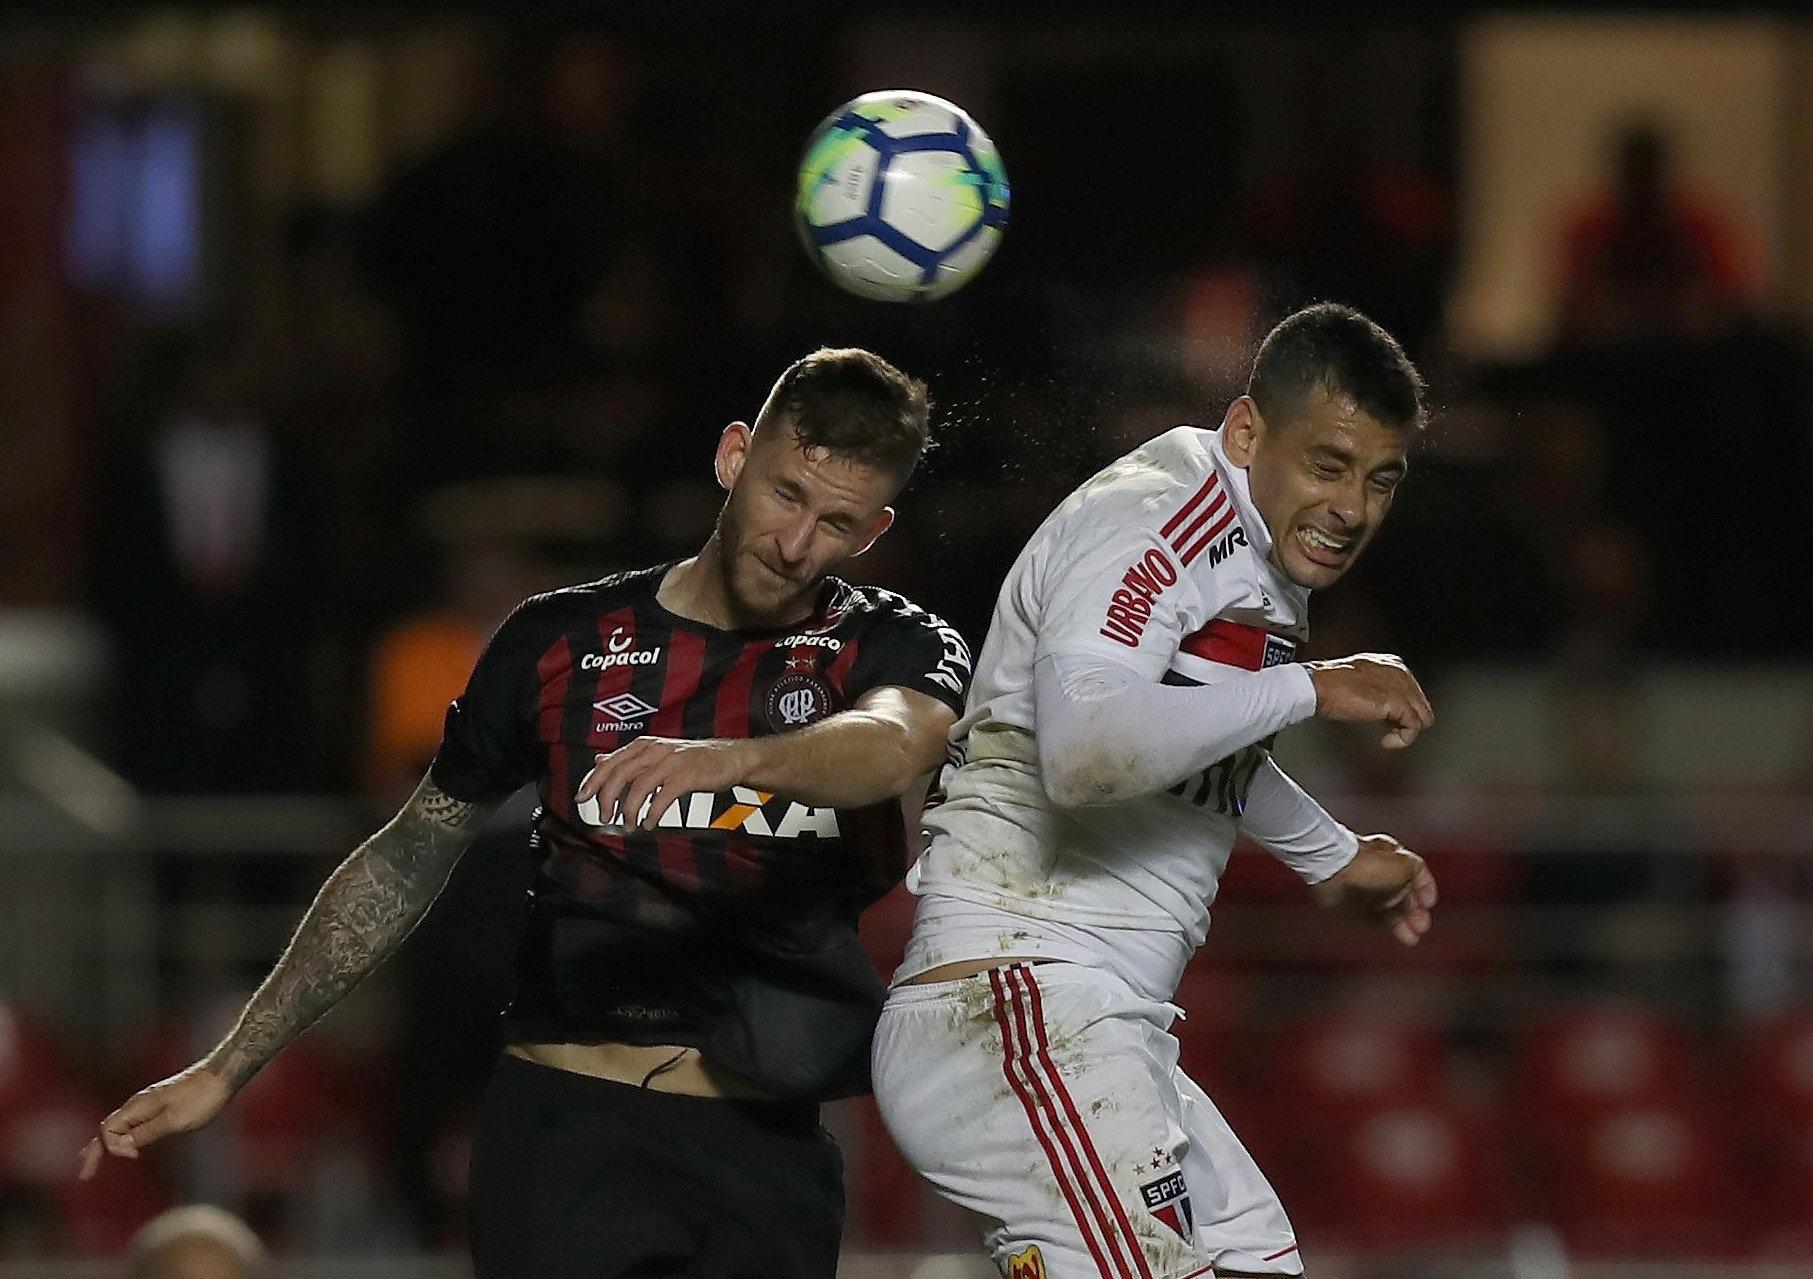 Léo Pereira e Diego Souza disputam a bola pelo alto no jogo entre São Paulo e Atlético-PR